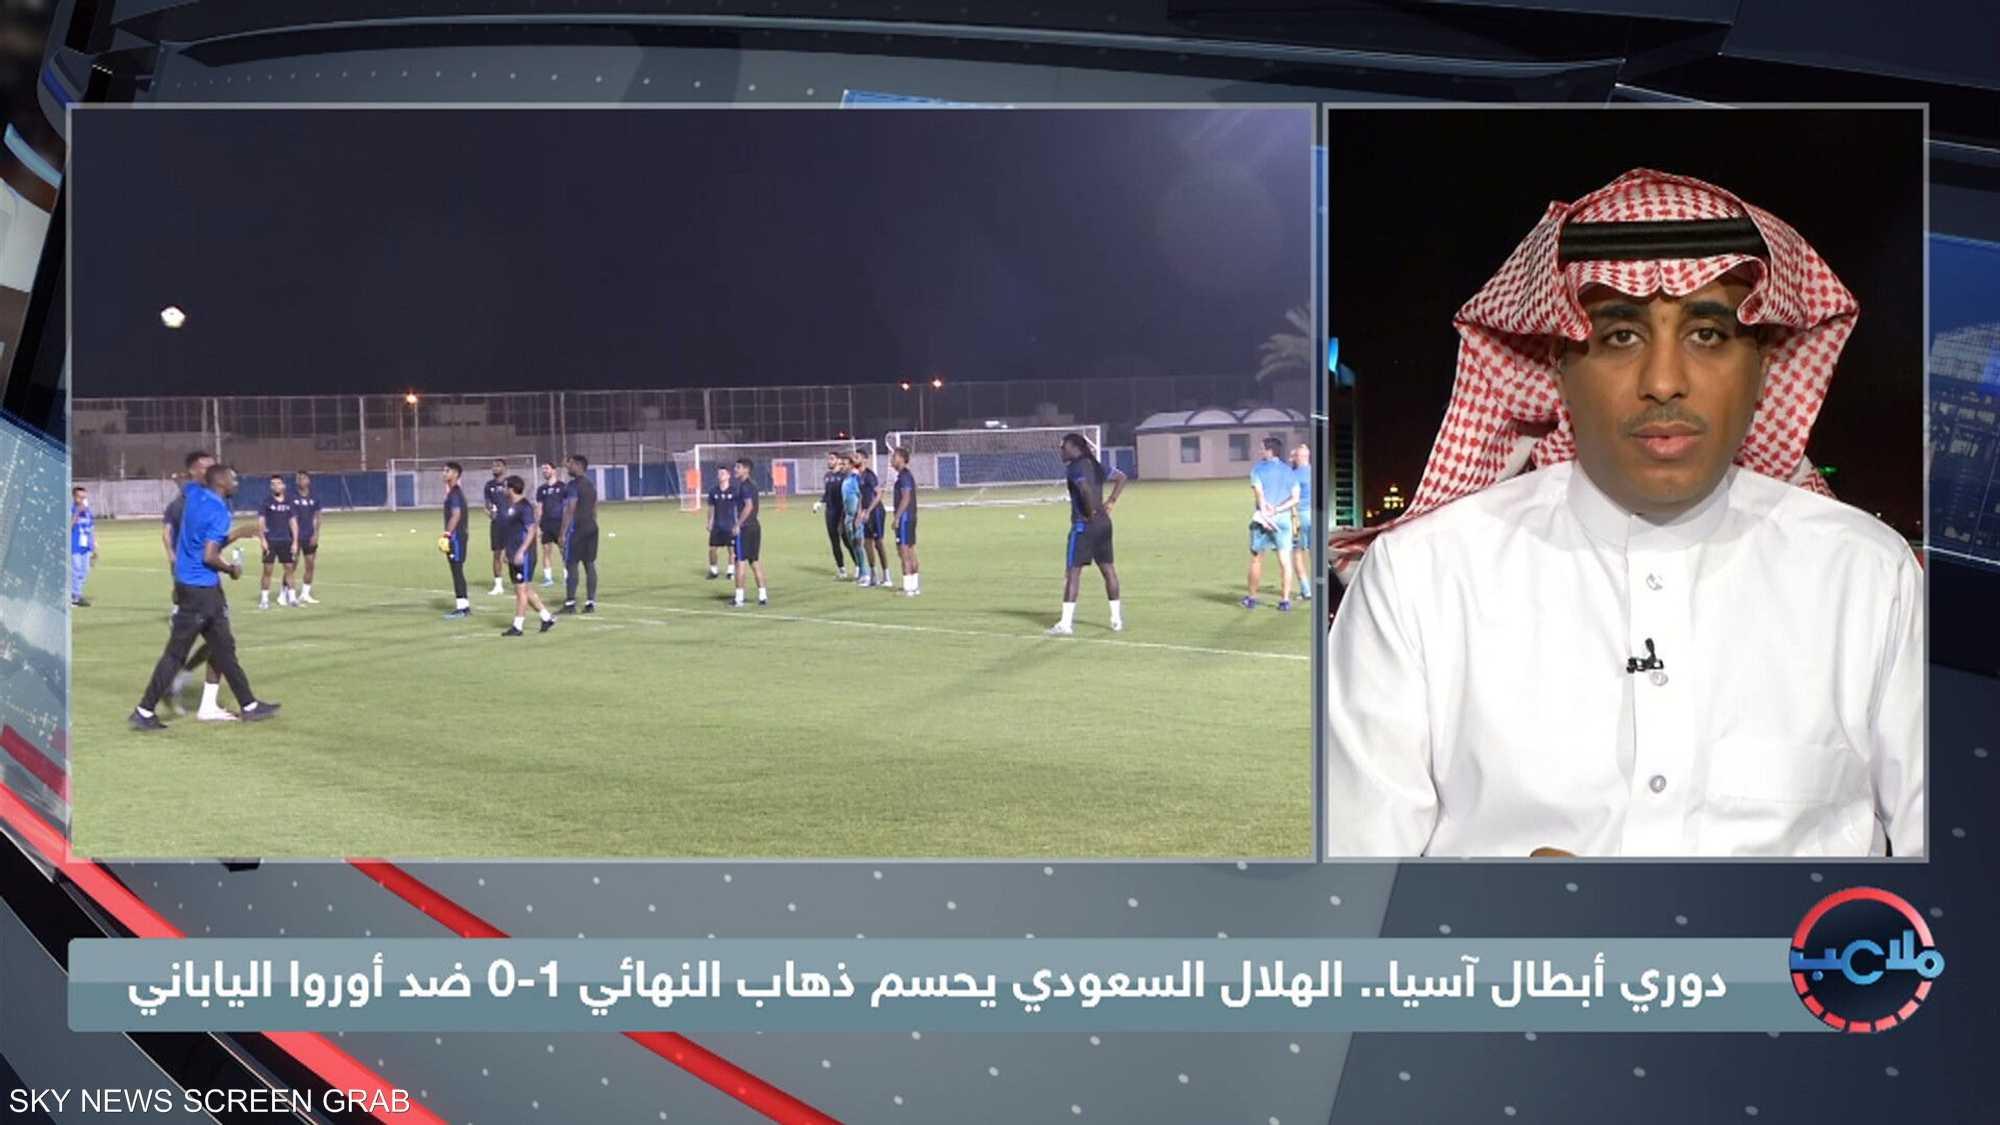 دوري أبطال آسيا.. الهلال السعودي يحسم ذهاب النهائي